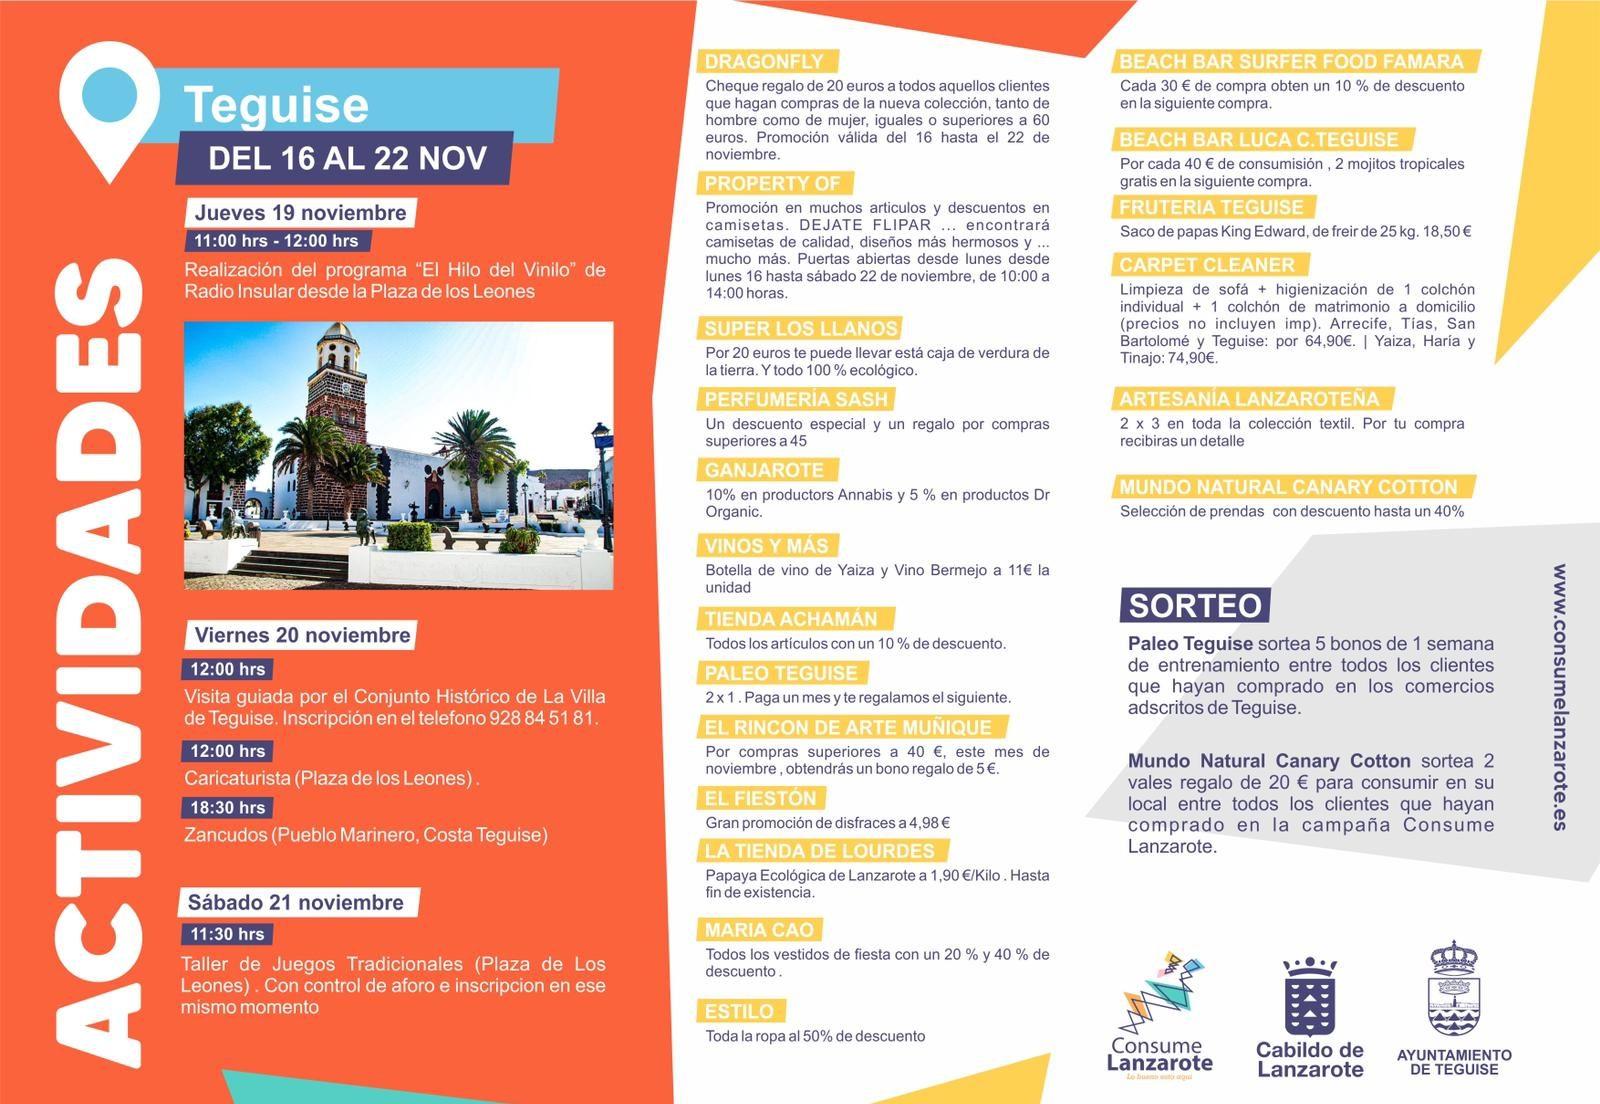 Teguise da la bienvenida a la campaña de dinamización comercial Consume Lanzarote